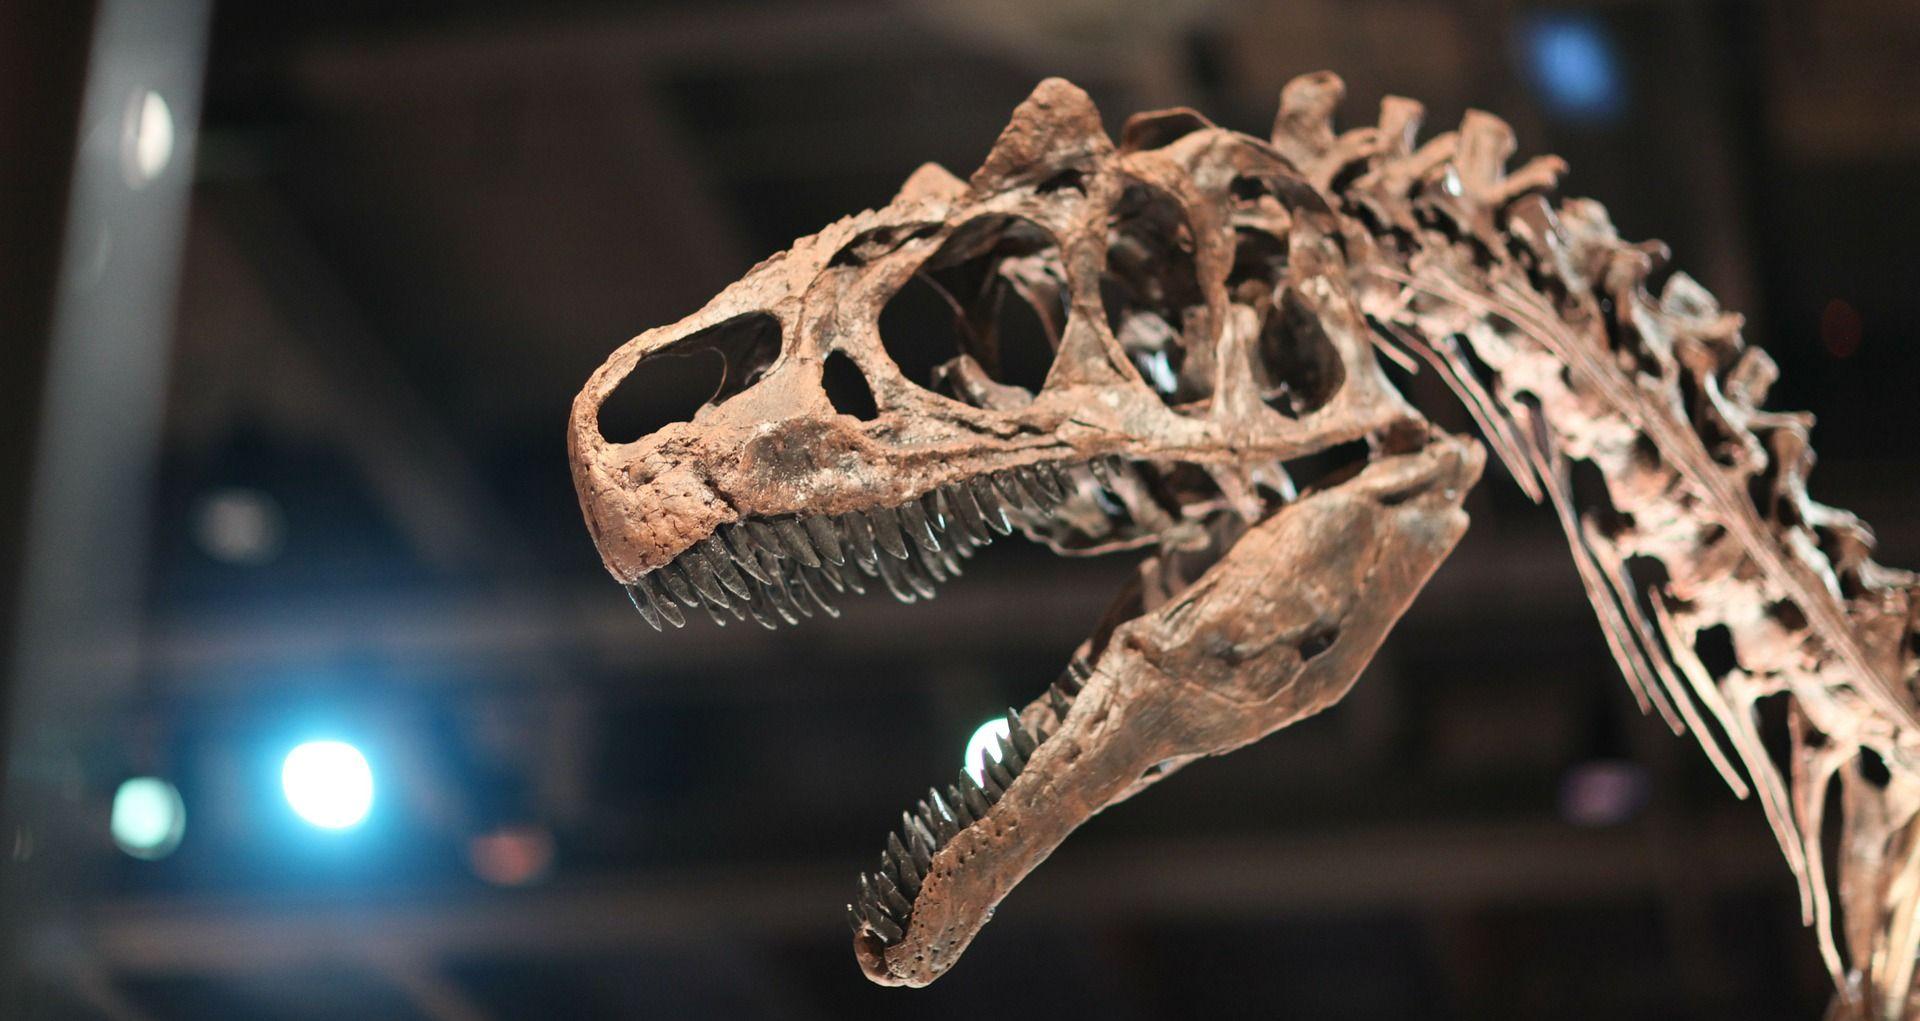 drugi načini datiranja fosila